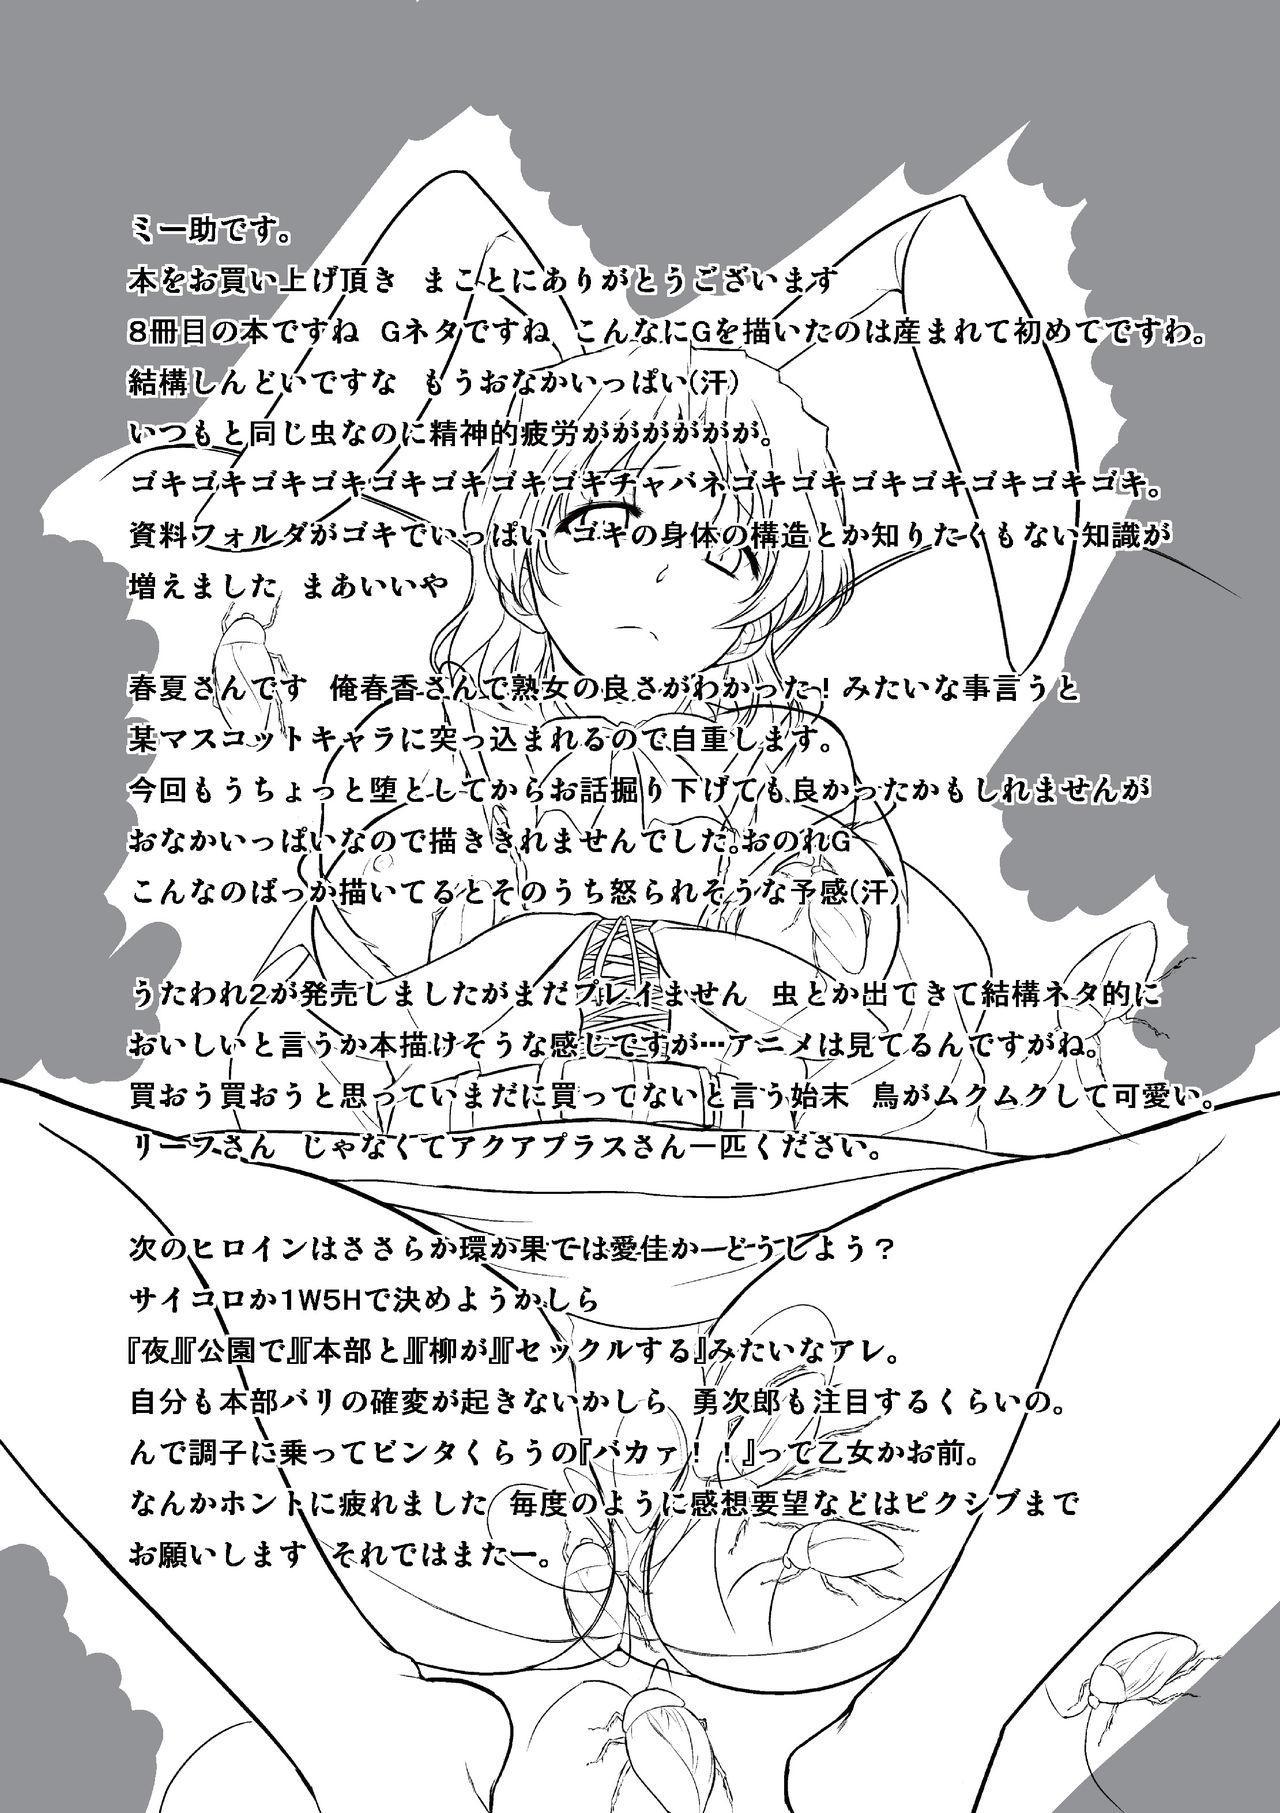 [Tiba-Santi (Misuke)] Dungeon Travelers - Haruka no Himegoto | Dungeon Travelers - Haruka's Secret (ToHeart2 Dungeon Travelers) [English] [Mant] [Digital] 28